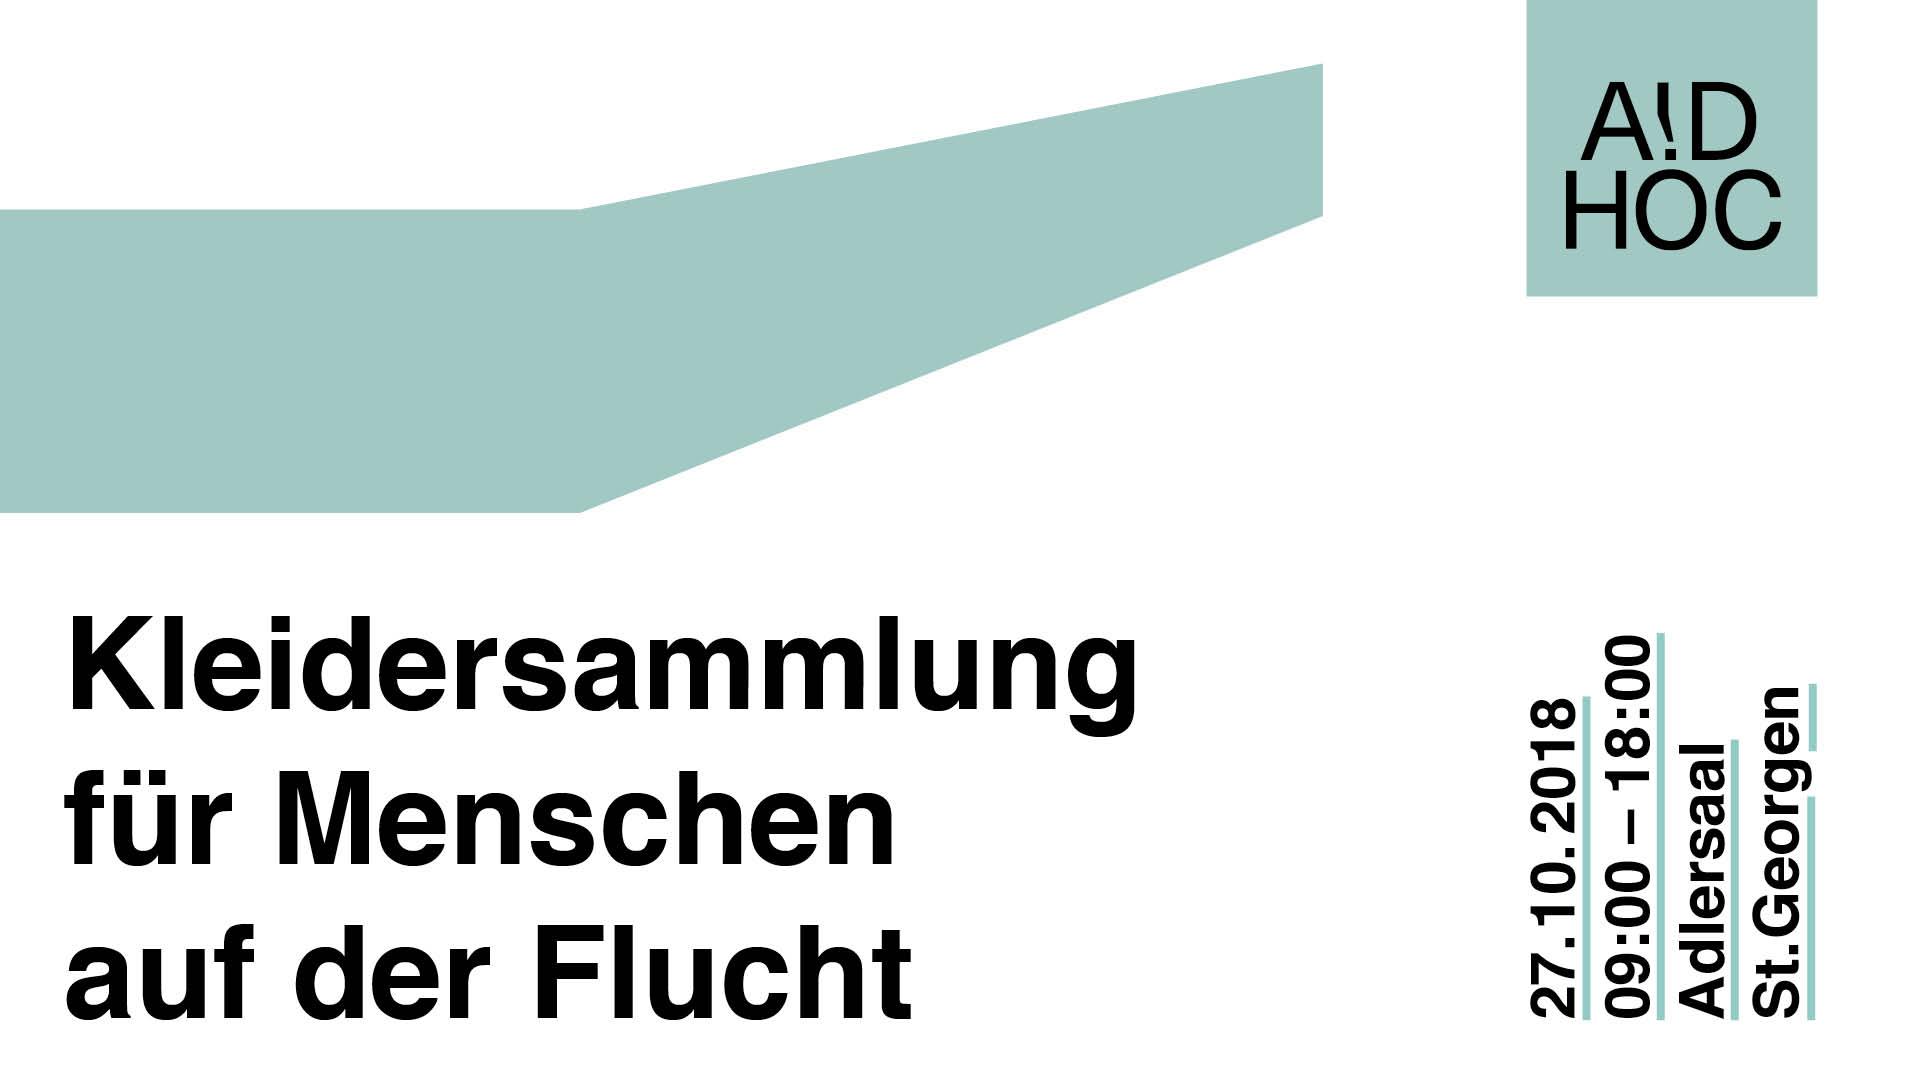 Kleidersammlung für flüchtlinge in Griechenland aid hoc, St. Gallen